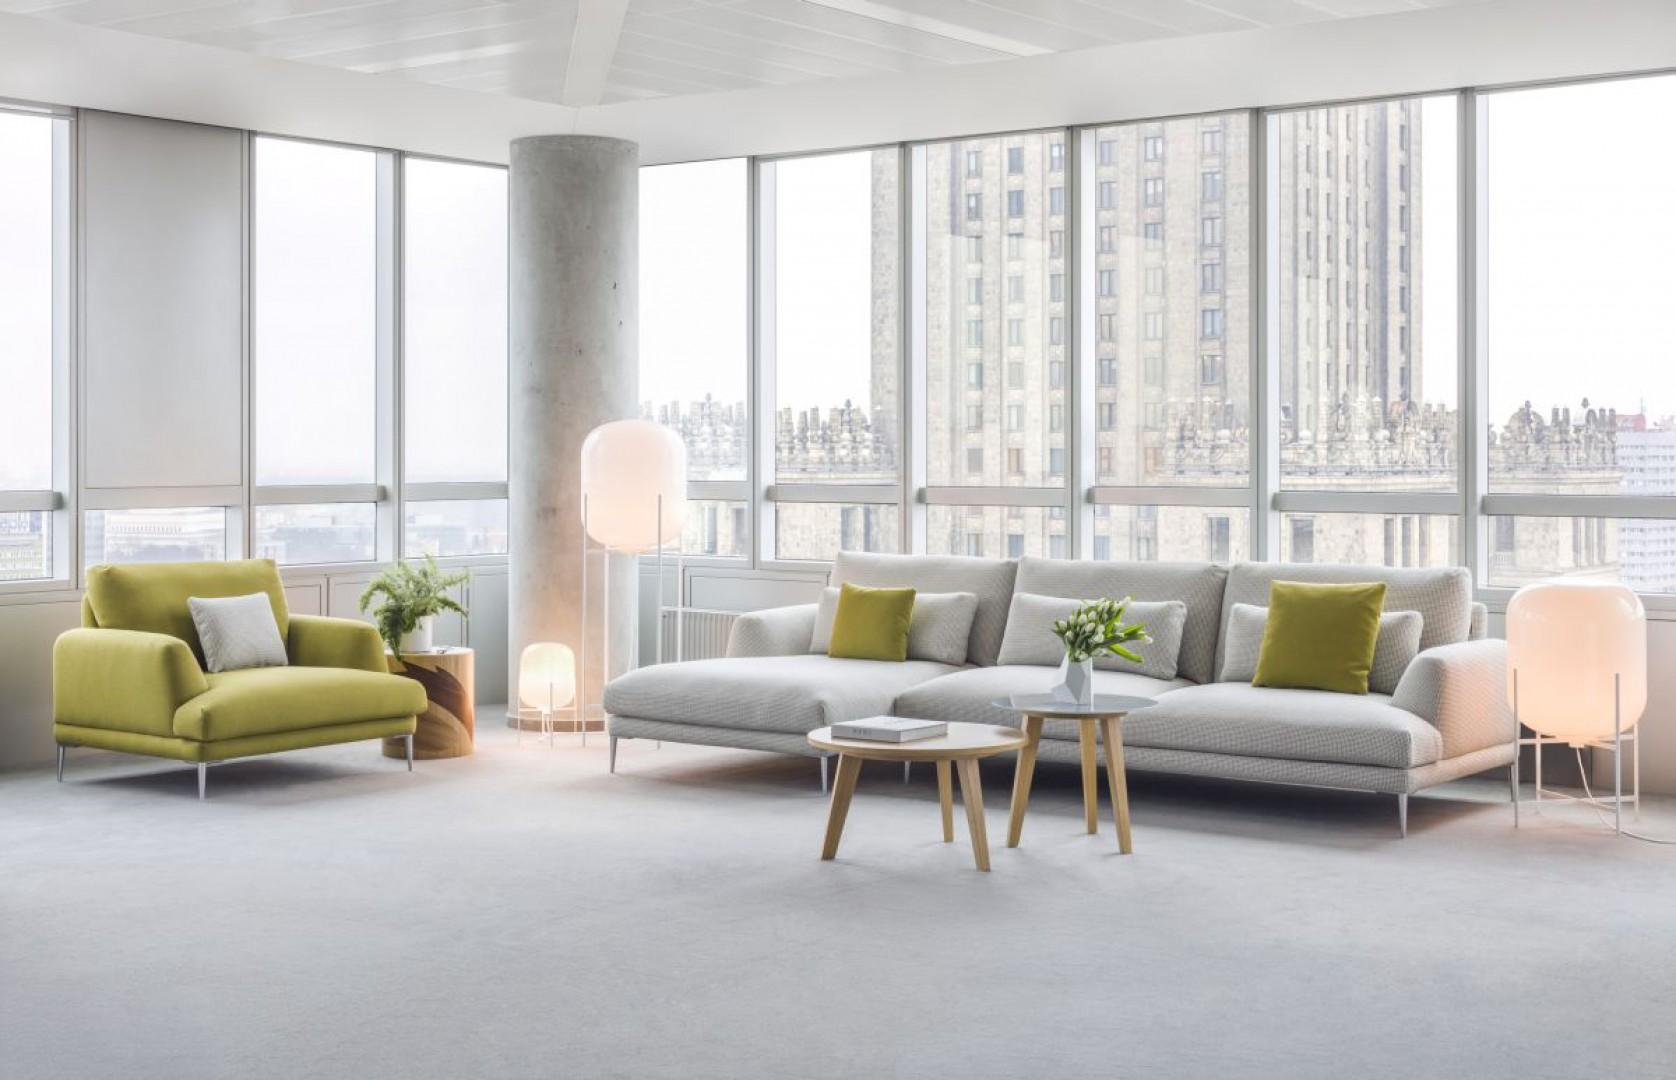 Sofa Classic. Projekt Krystiana Kowalskiego dla firmy Comforty. Fot. Ernest Winczyk/Comforty